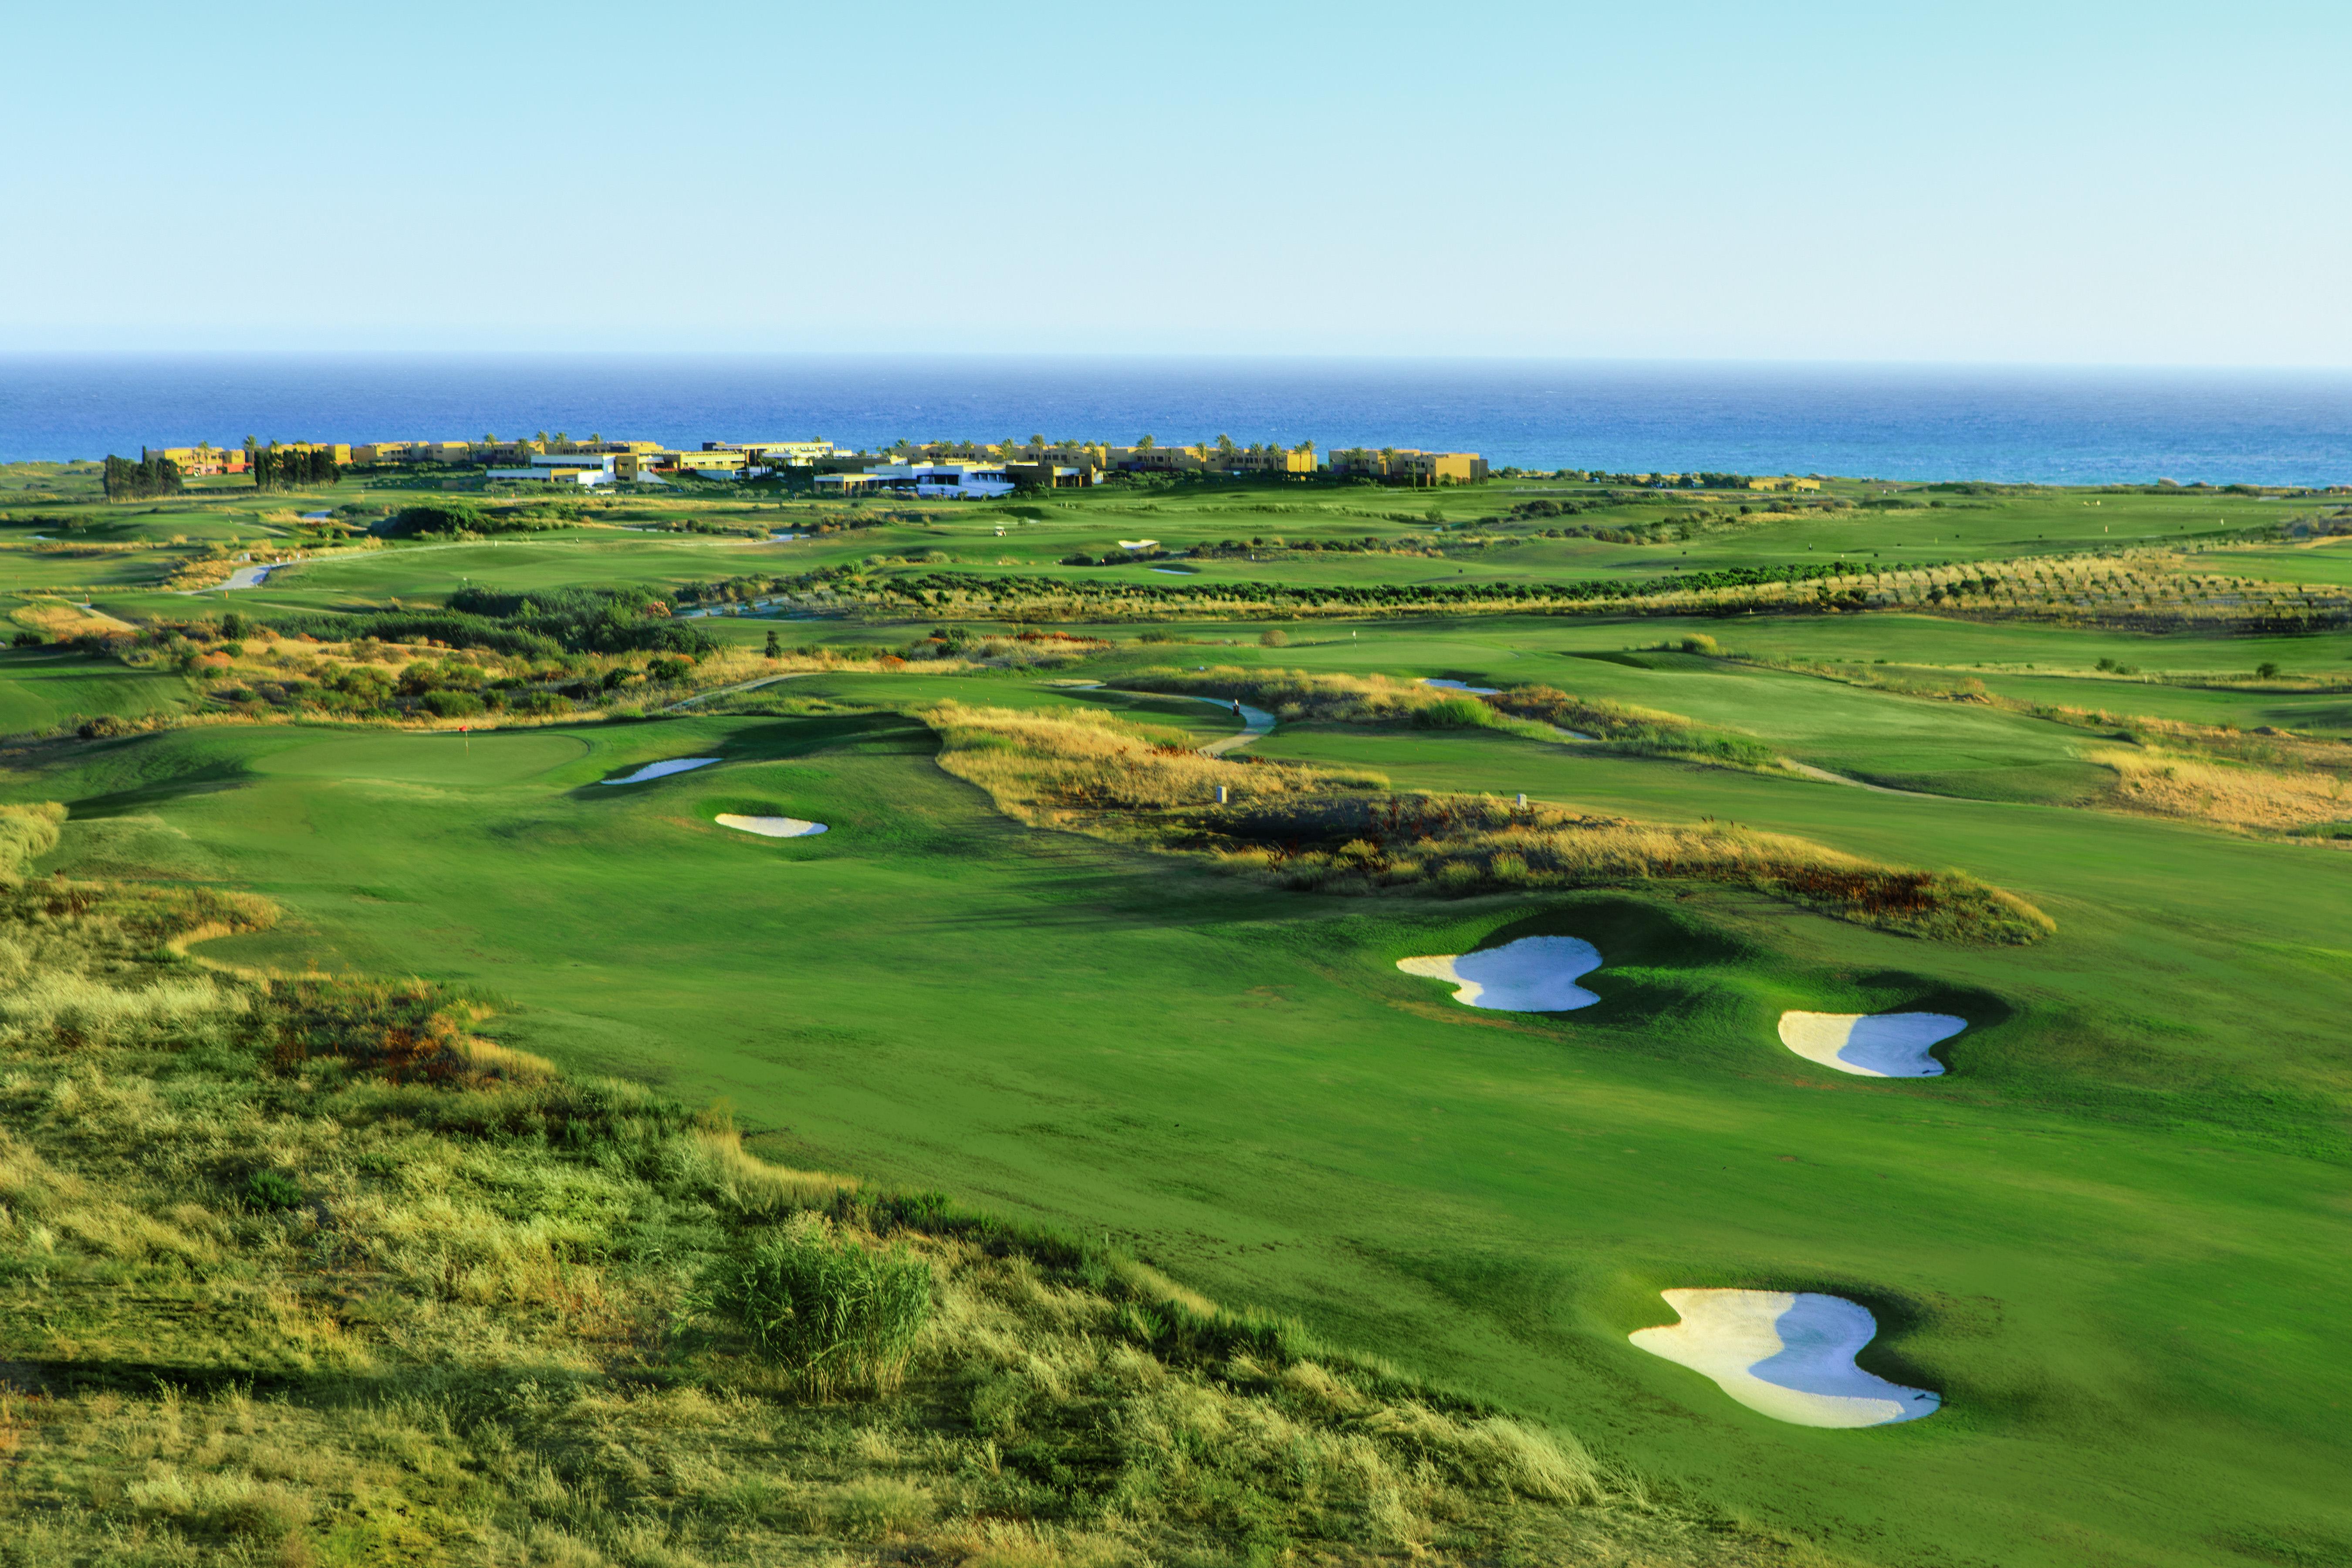 verdura-resort-sicily-golf